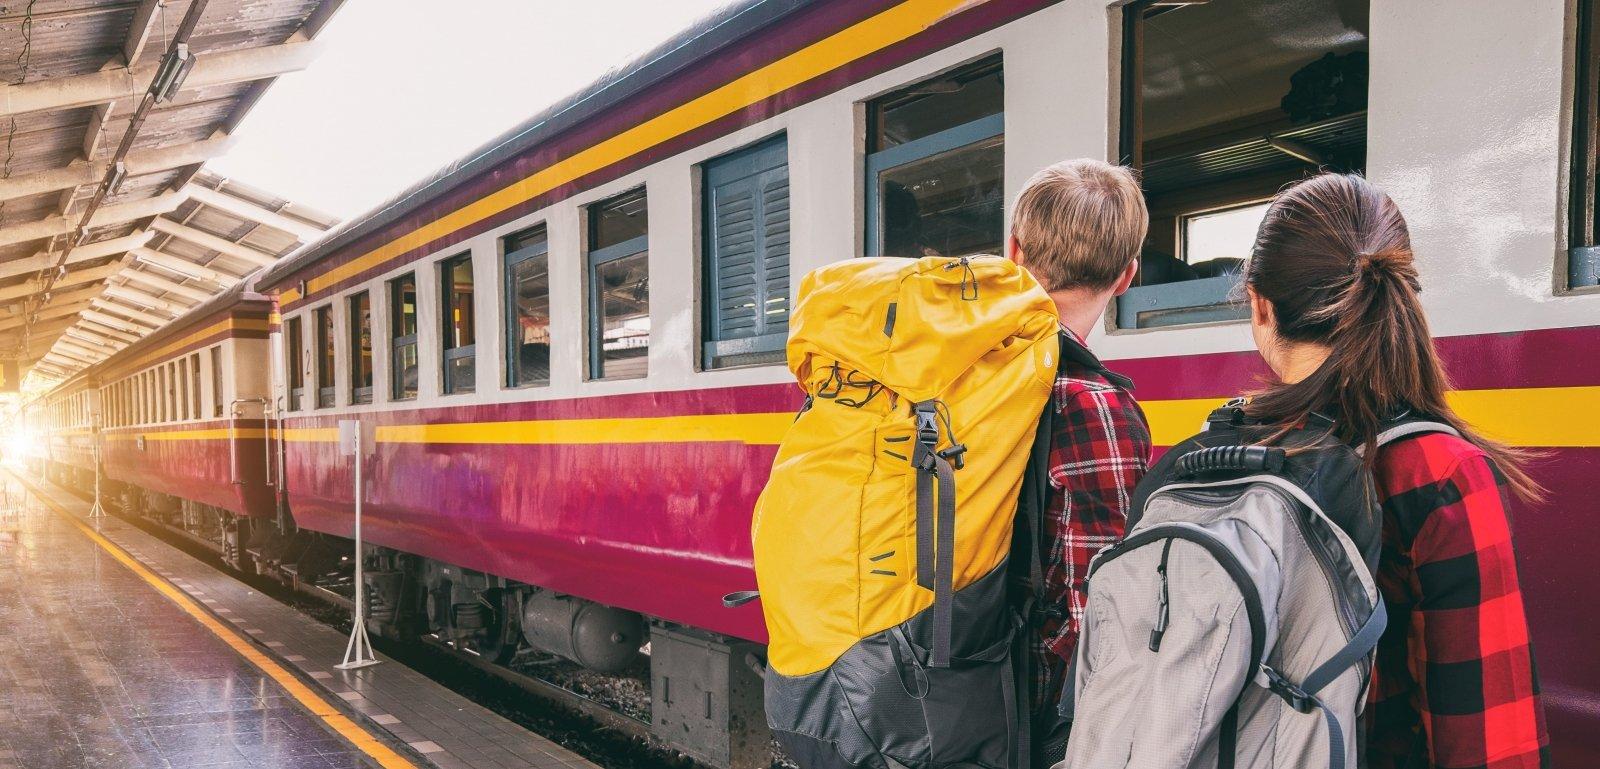 旅行及相關服務業發展趨勢2019